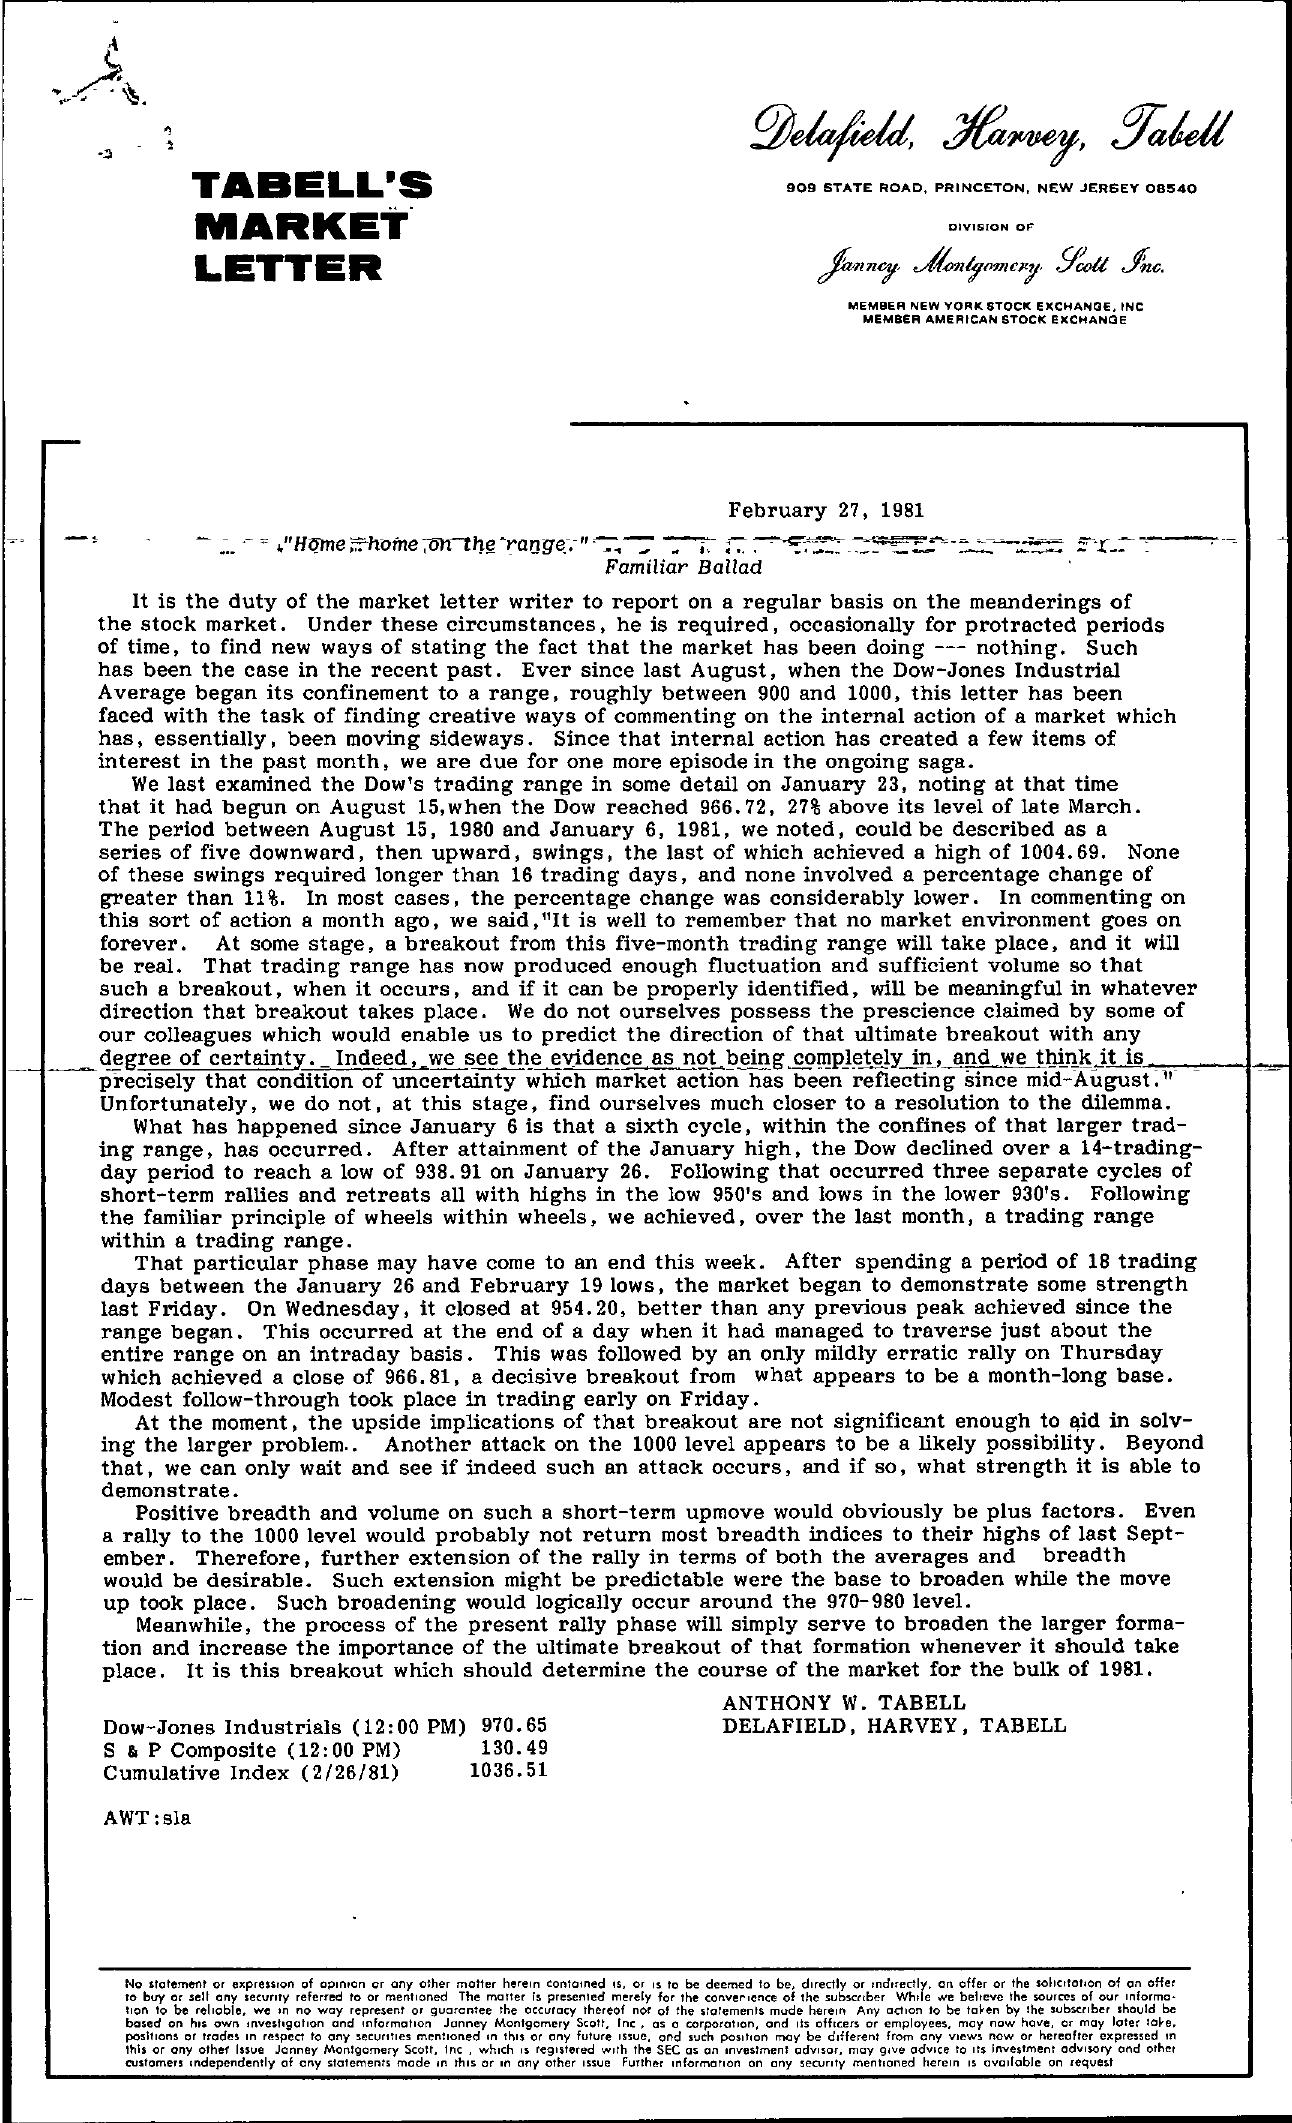 Tabell's Market Letter - February 27, 1981